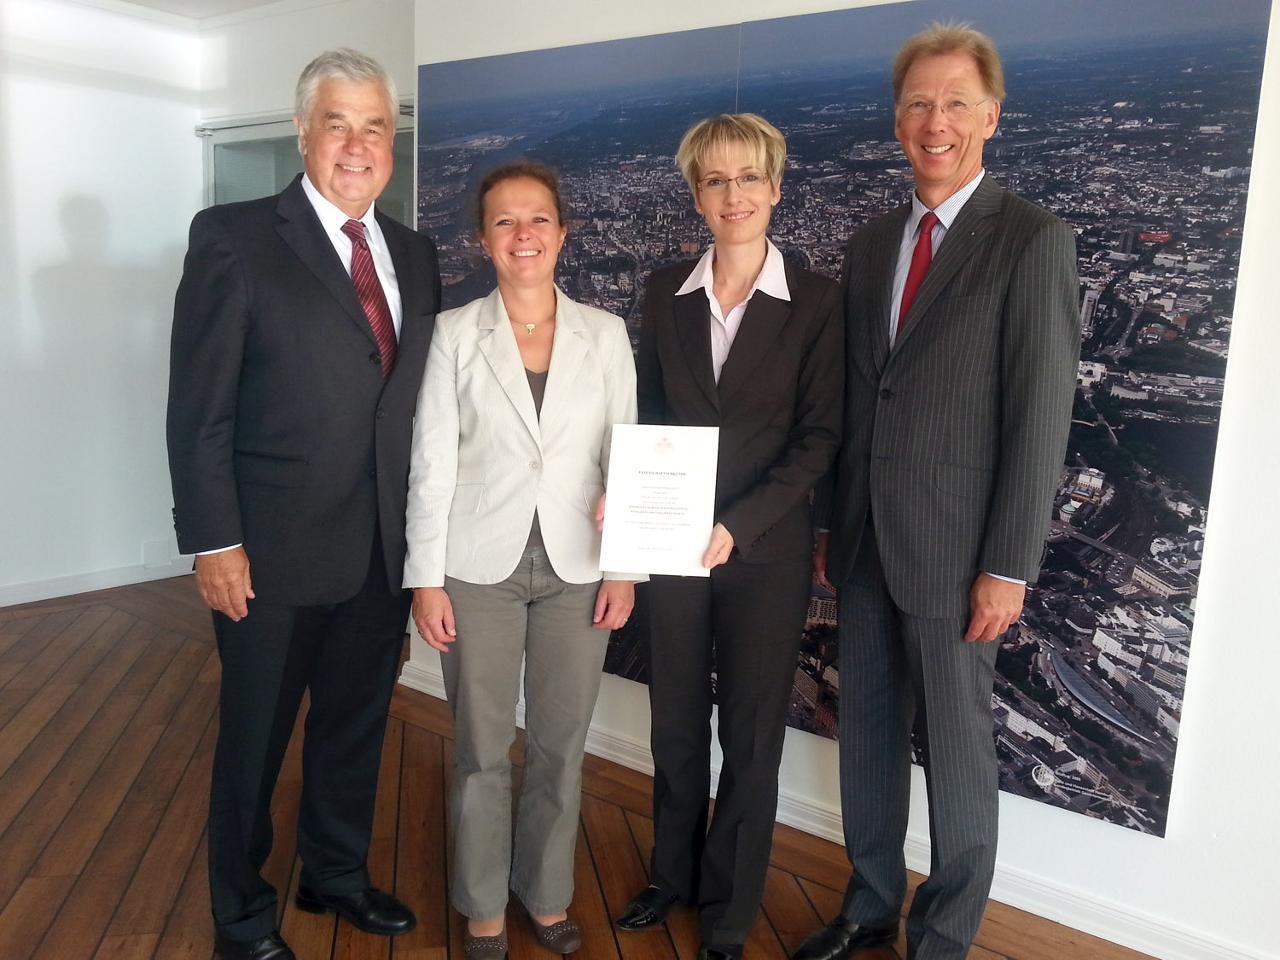 Senator Horch und Sonja Schäfer, Wiebke Germer und Dr. Axel Henriksen vom Stiftungsvorstand